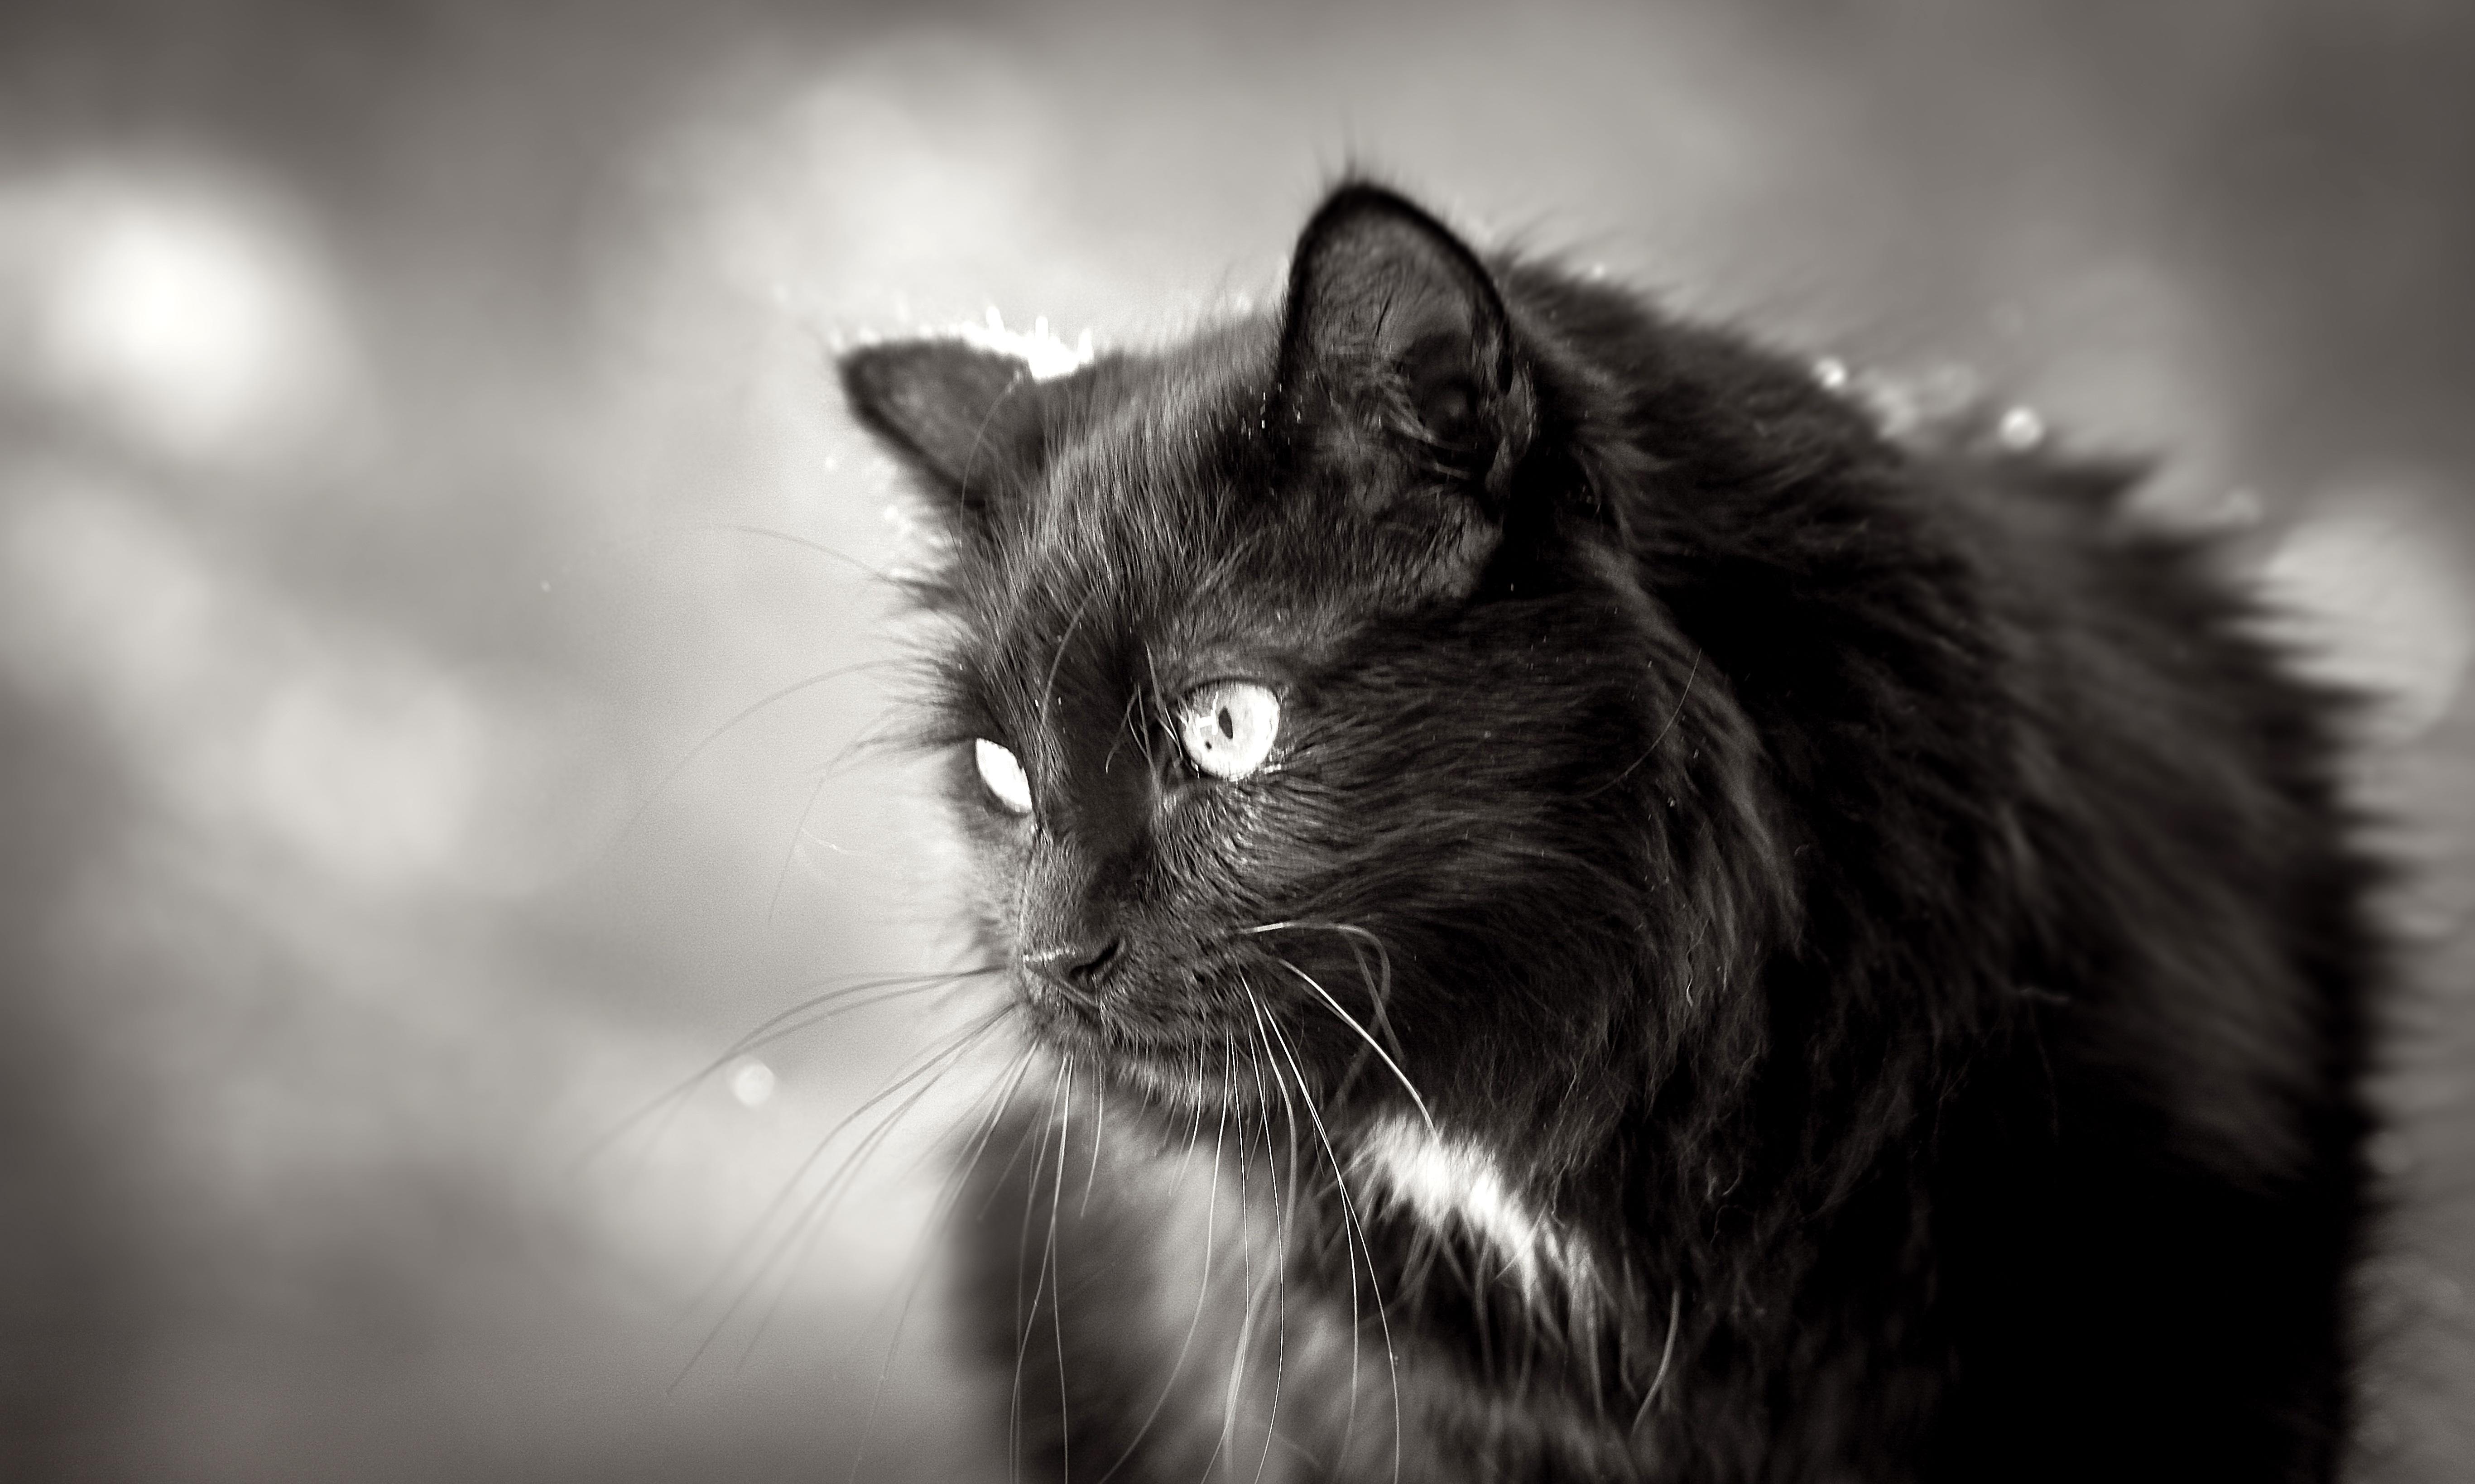 fekete cicák punci tajvani szex masszázs